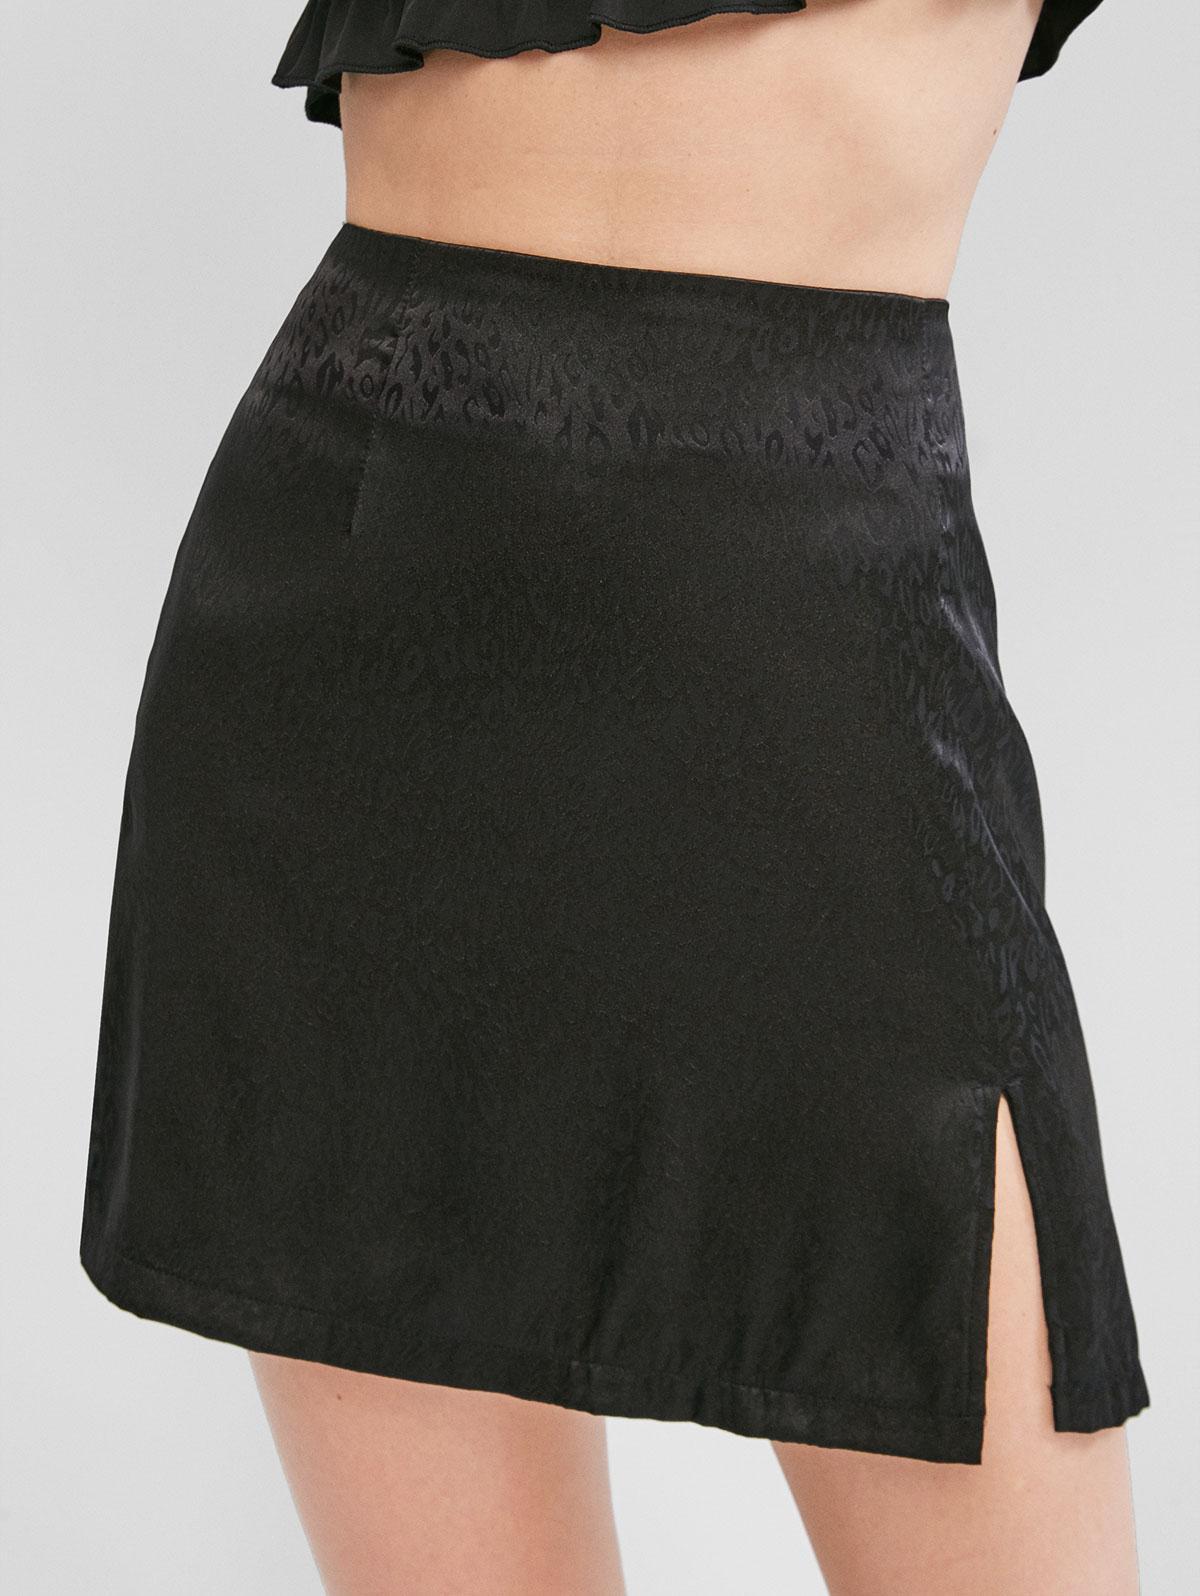 ZAFUL Jacquard Slit Mini Skirt фото